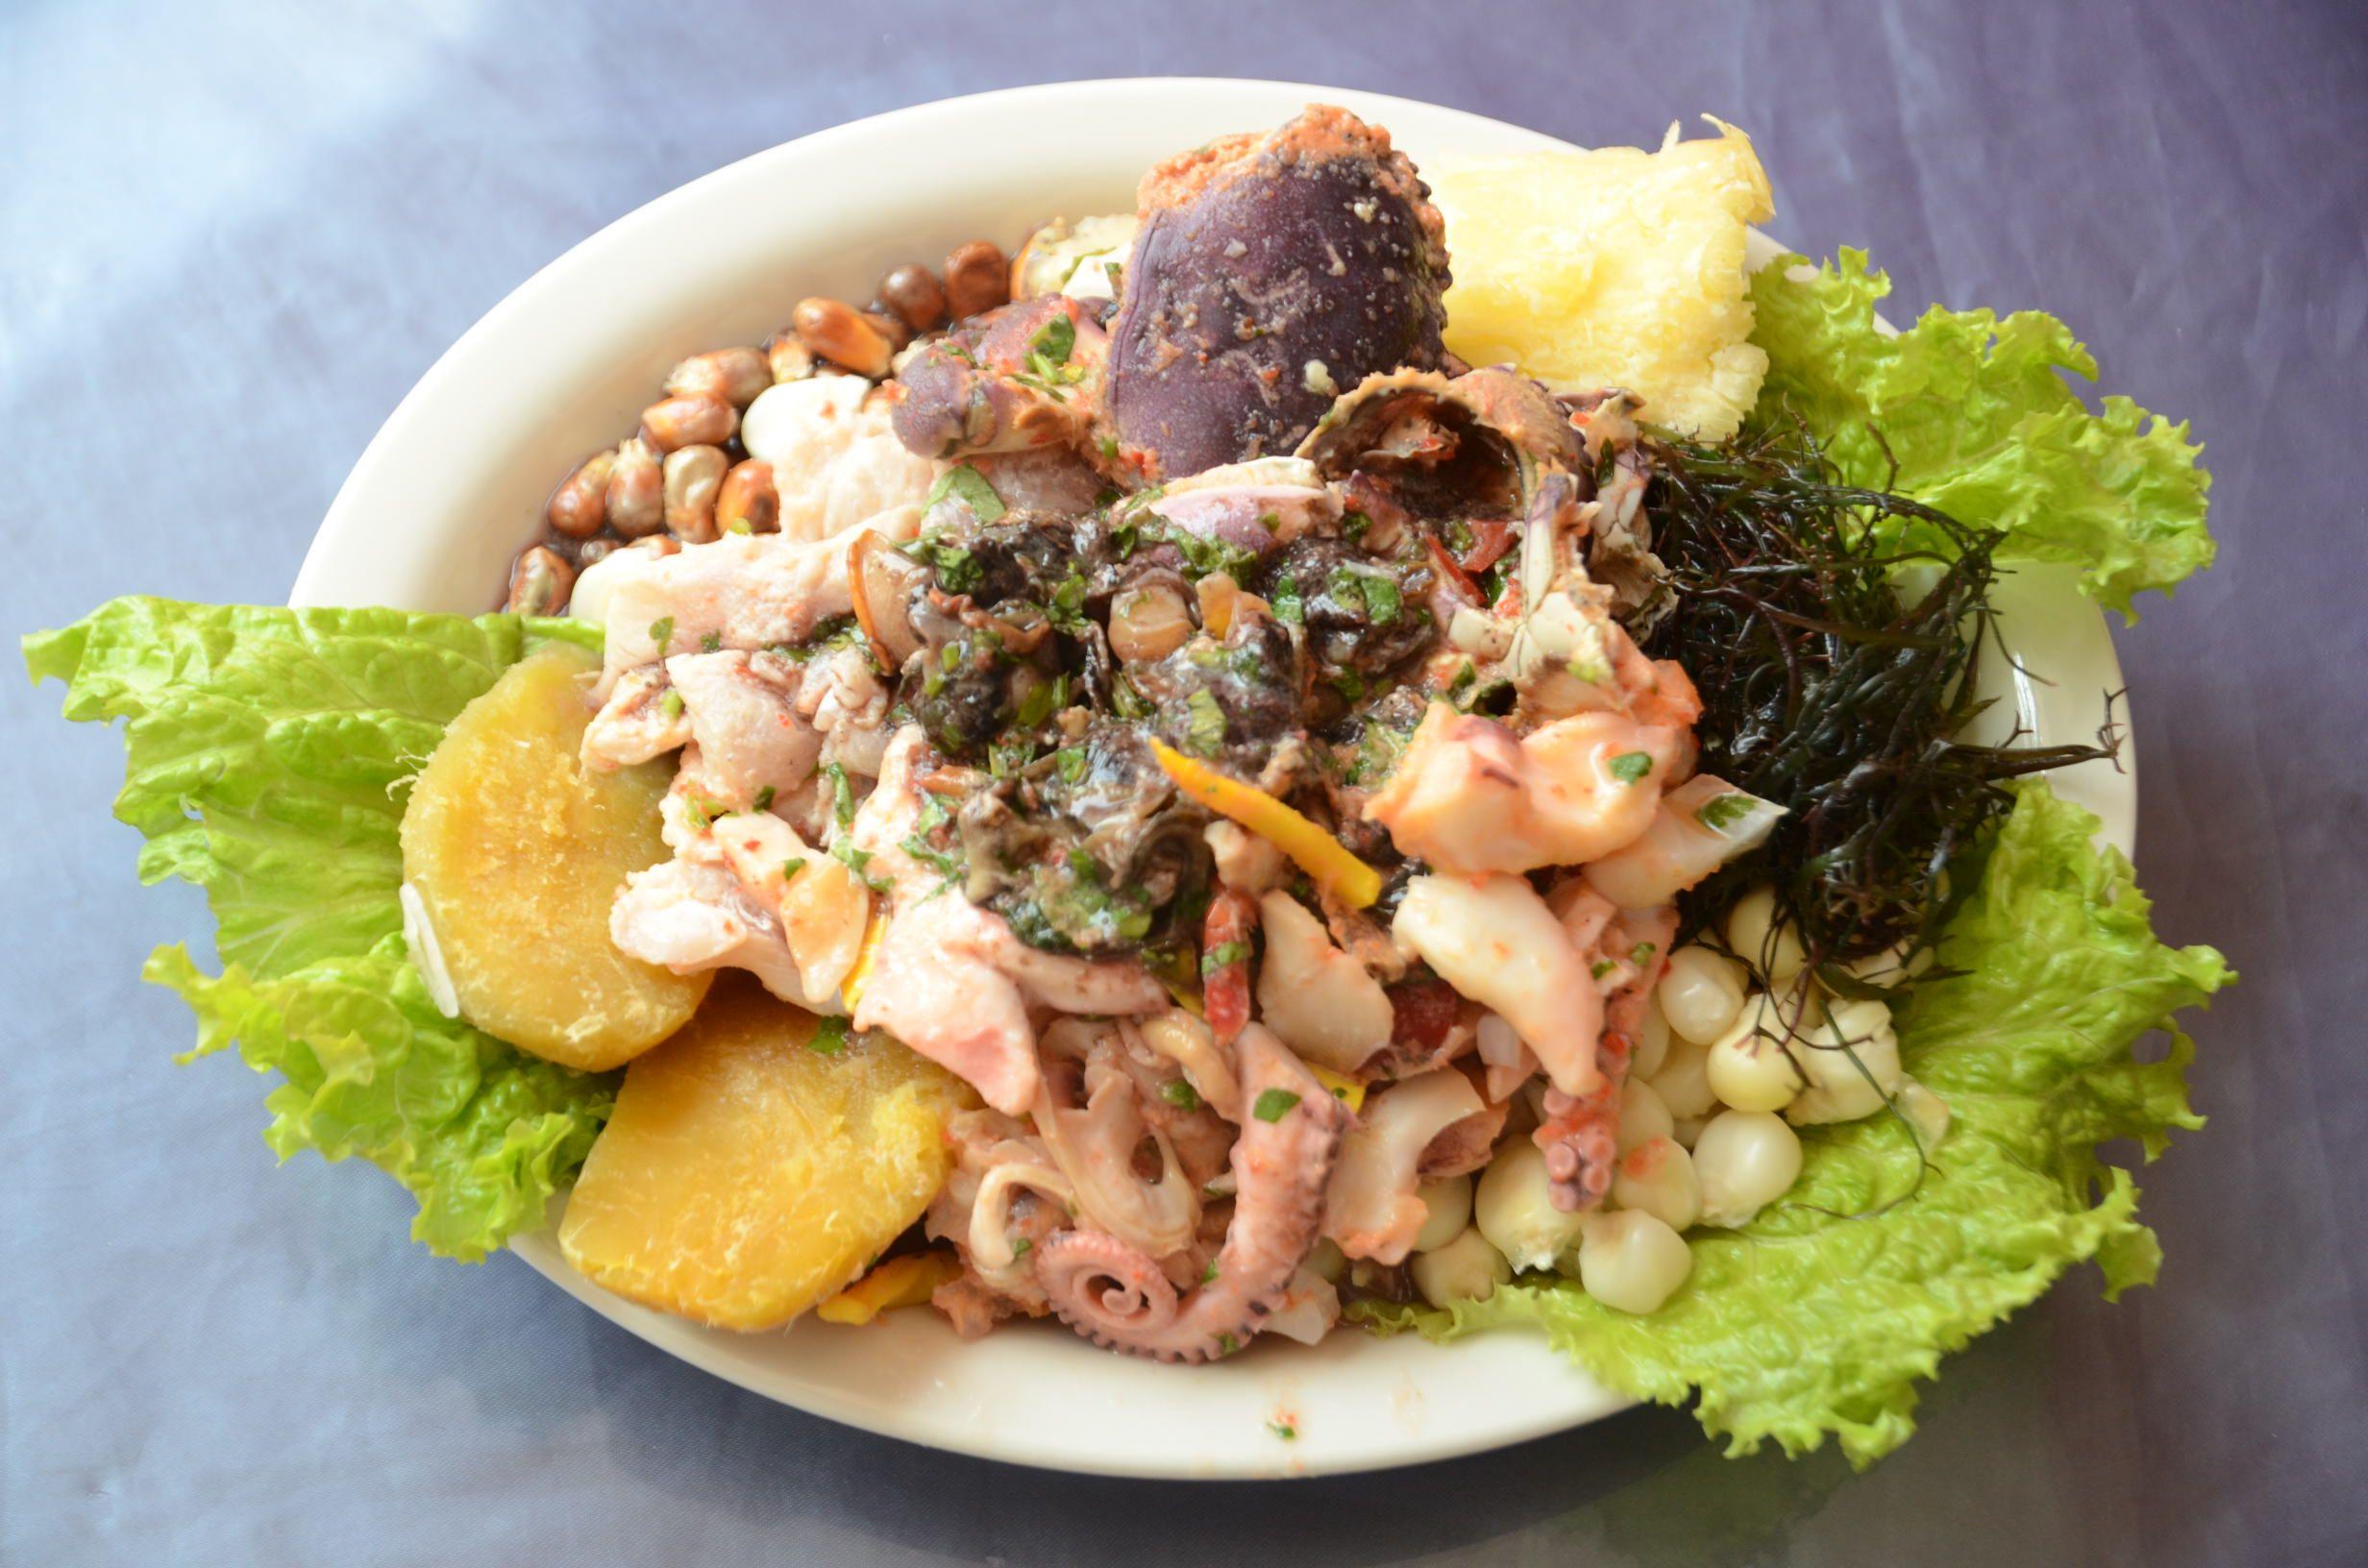 Ceviche aphrodisiaque à Trujillo  #ceviche  #fruitsdemer  #aphrodisiaque  #trujillo  #Perou  #globetaster